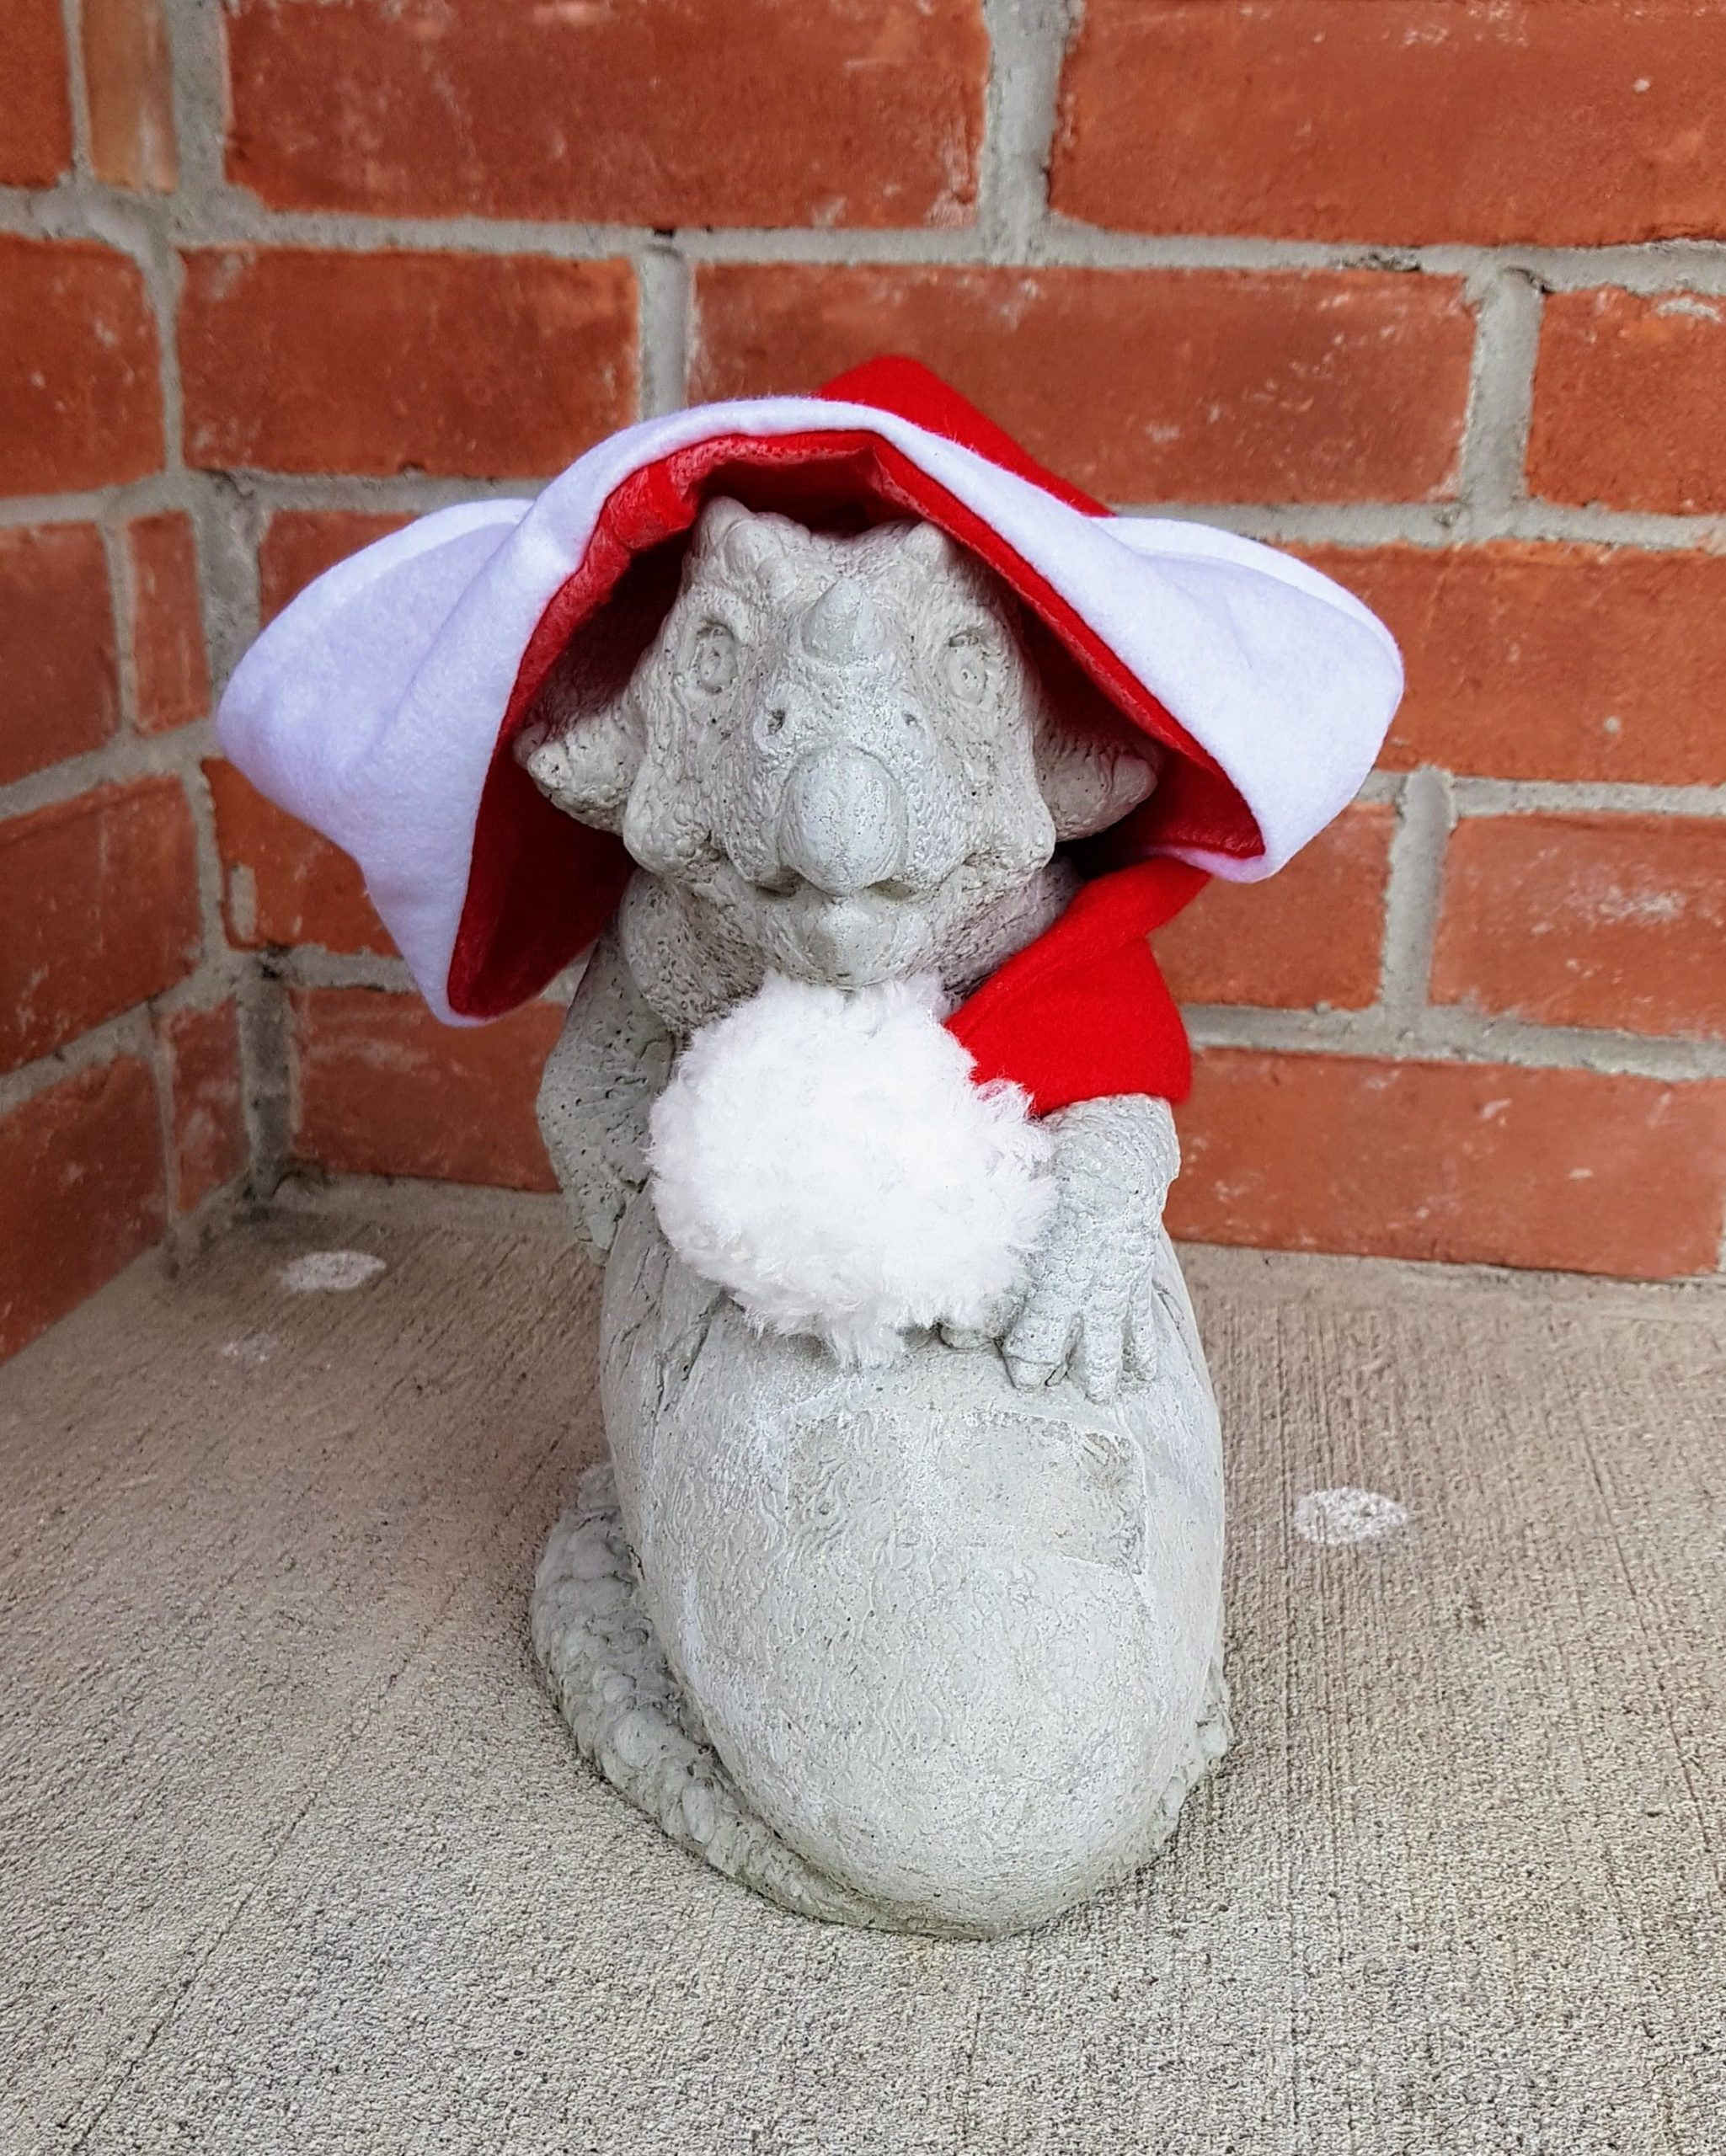 Hoodoo wearing his Christmas hat